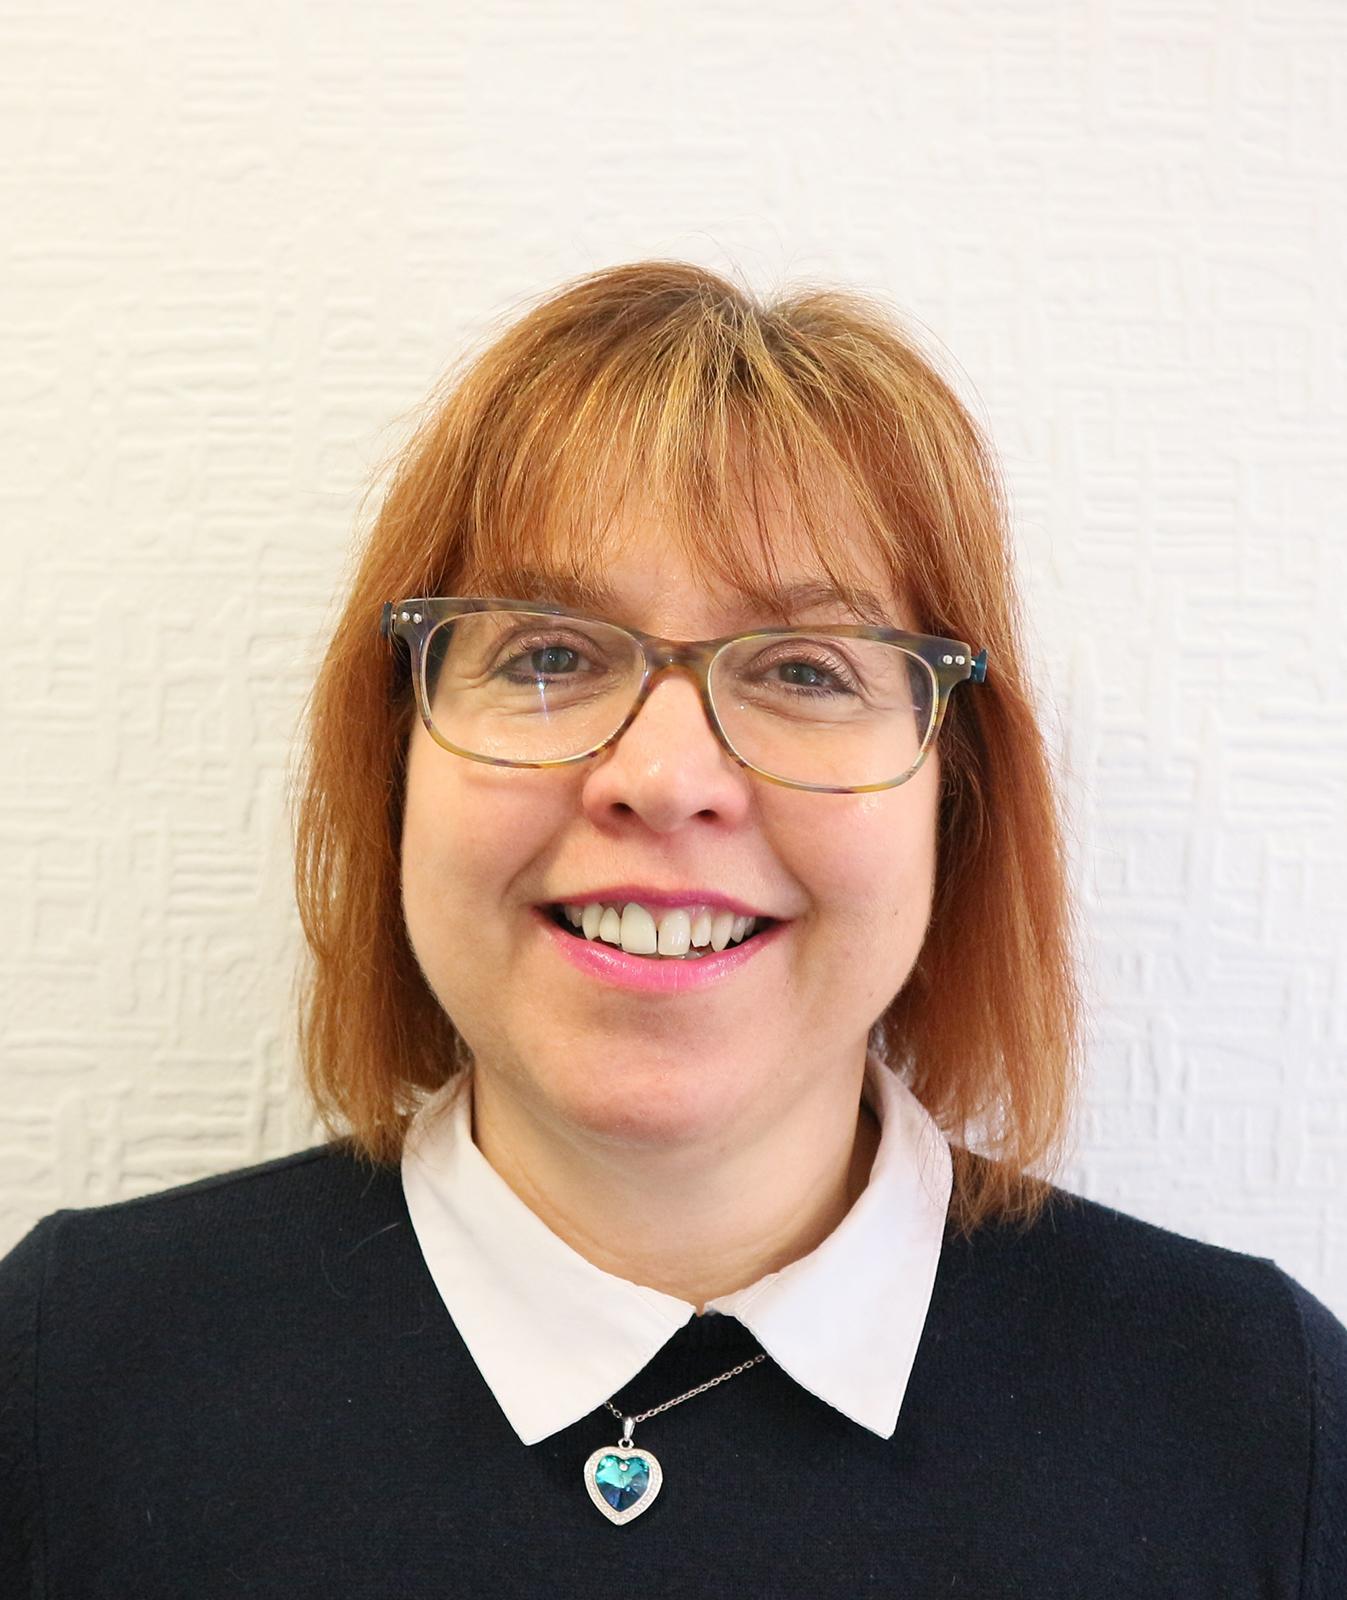 Lisa Wynn-Smith